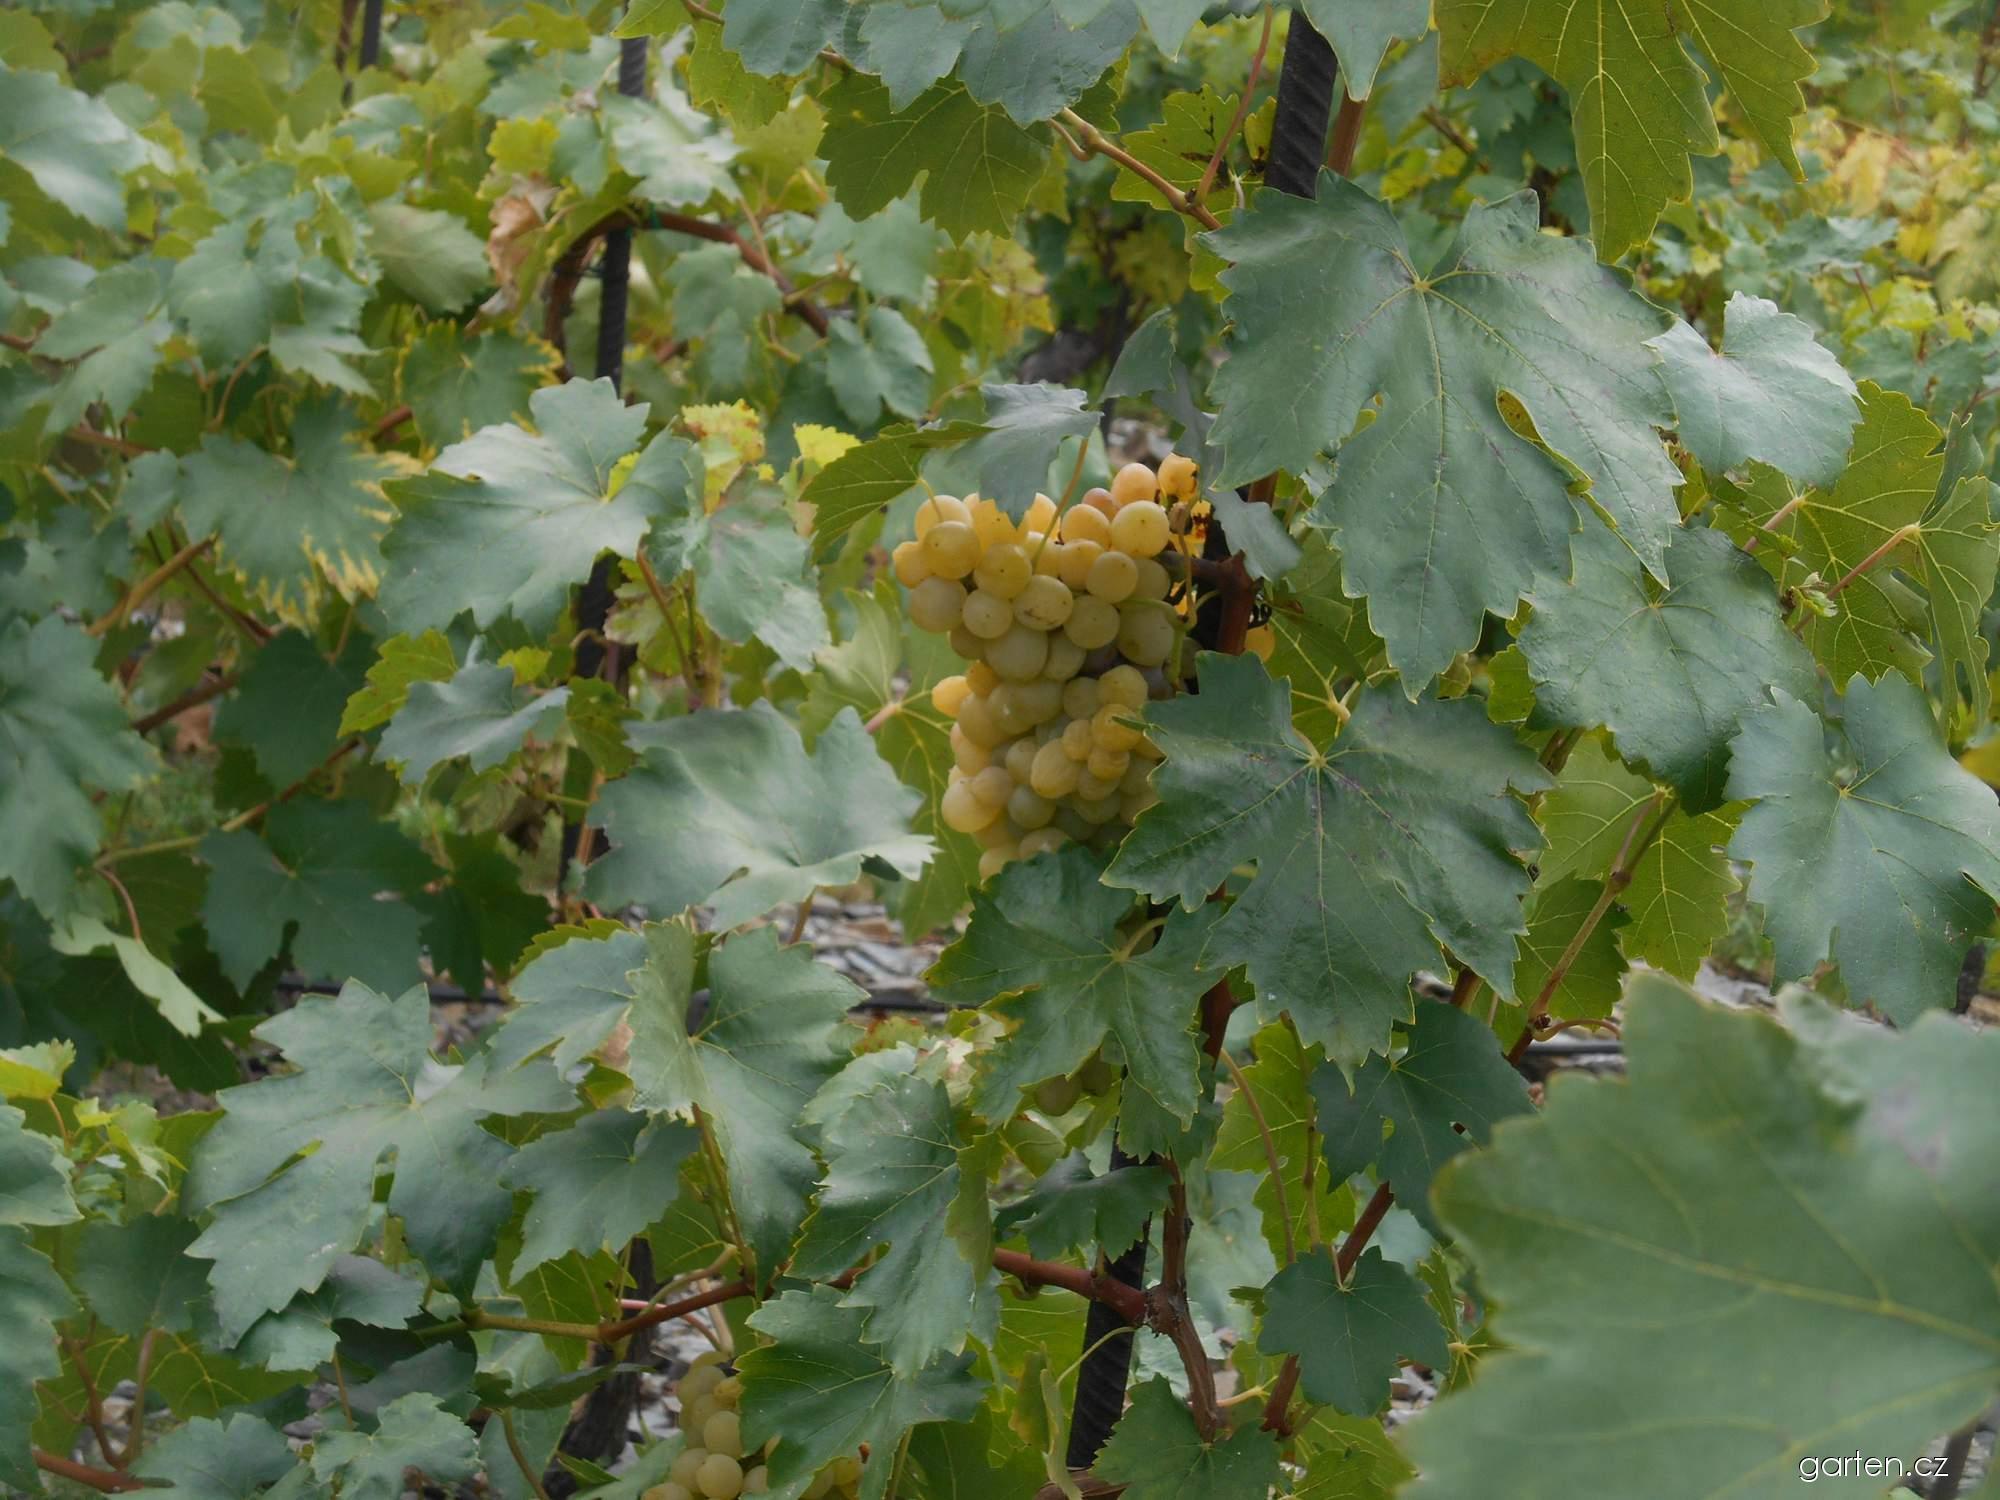 Réva vinná Áron (Vitis vinifera)